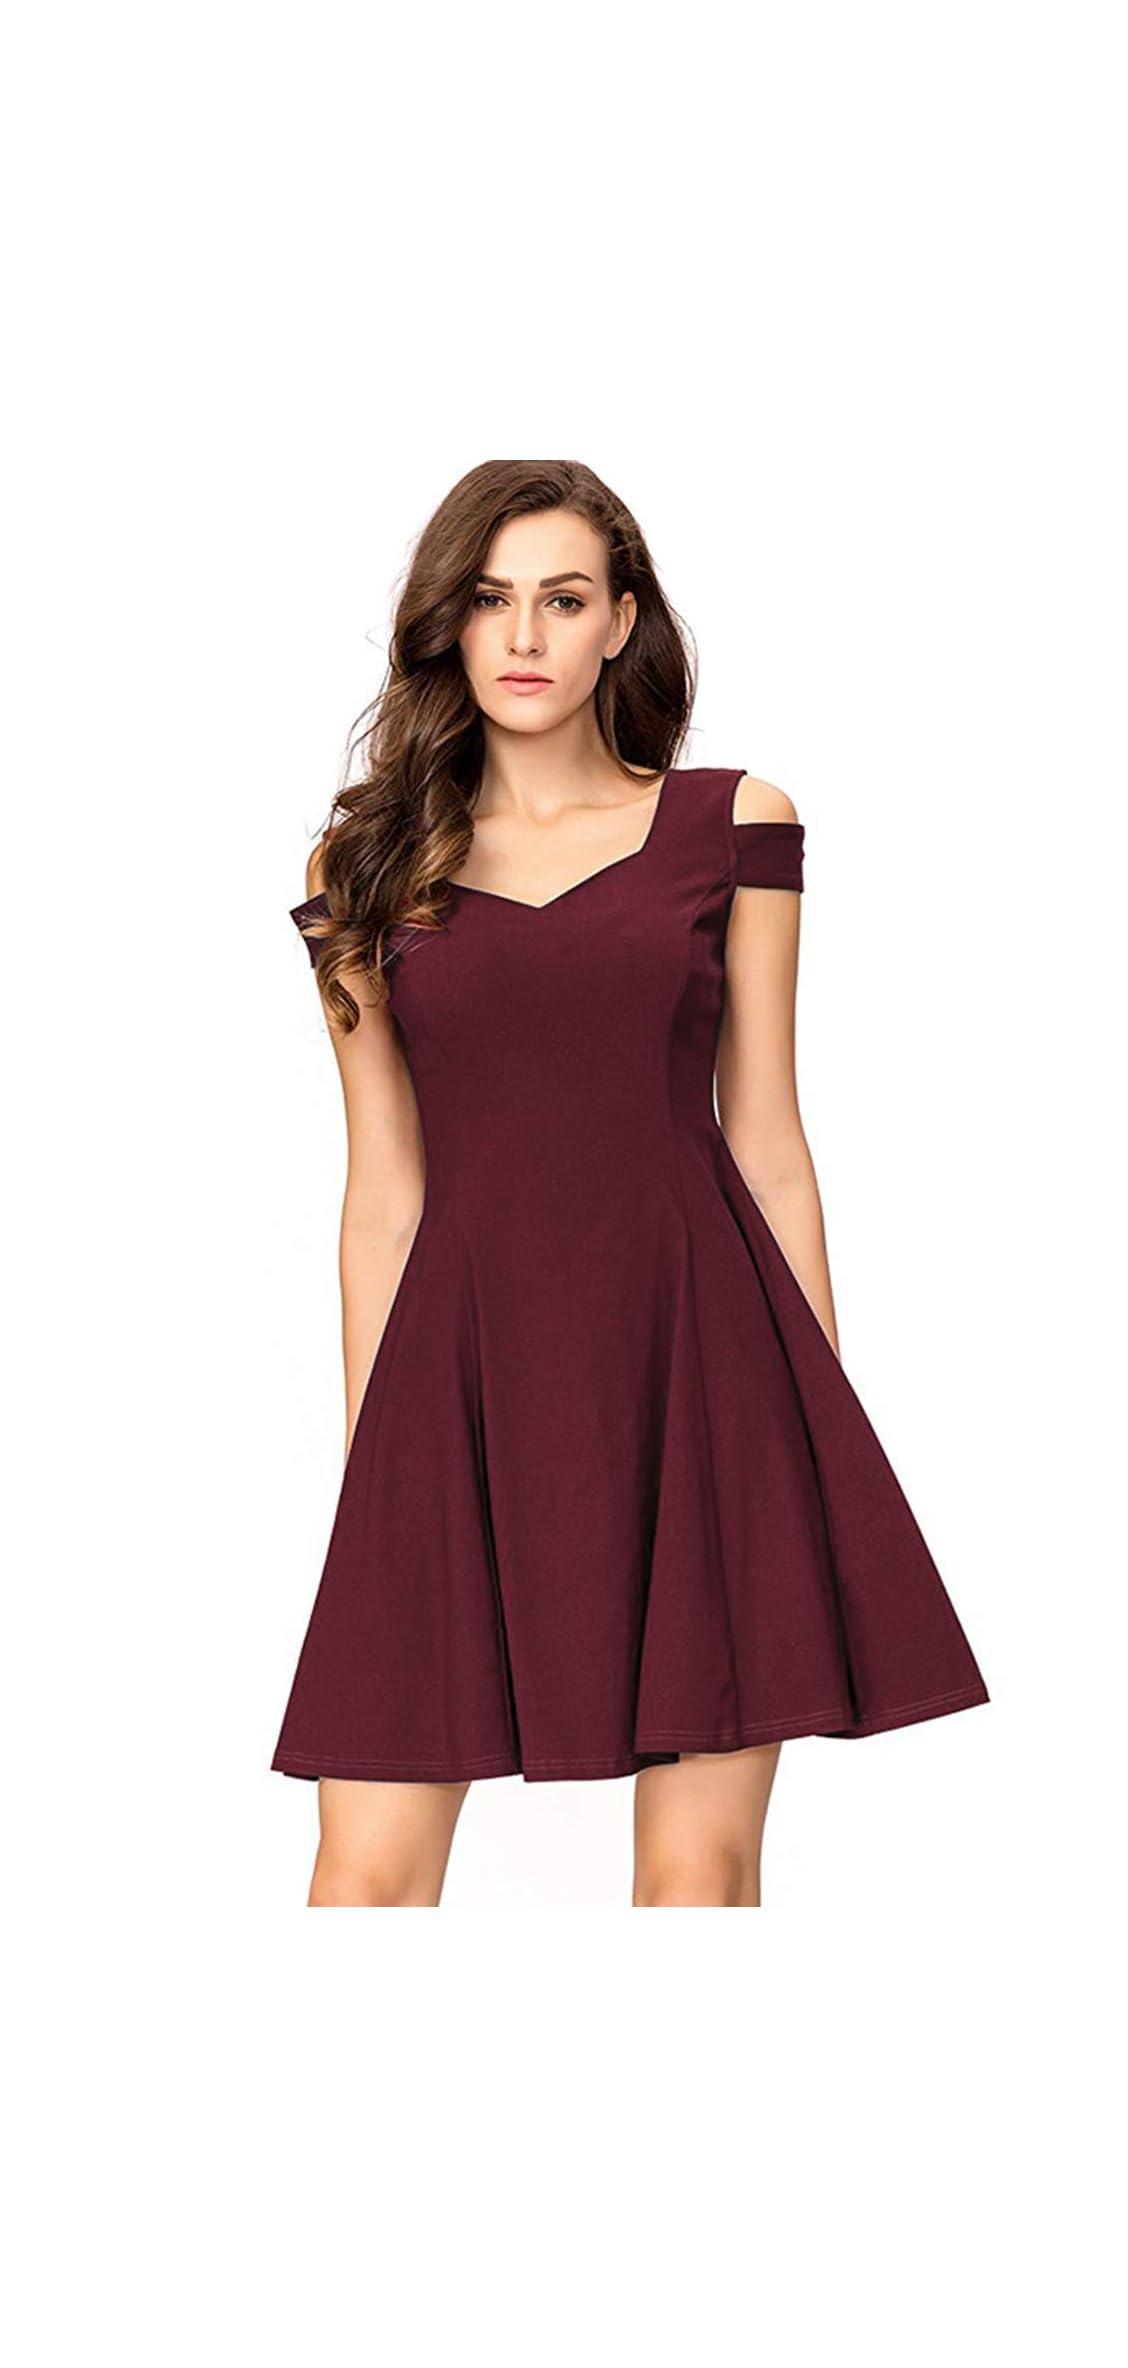 Women's Cold Shoulder Little Cocktail Party A-line Dress